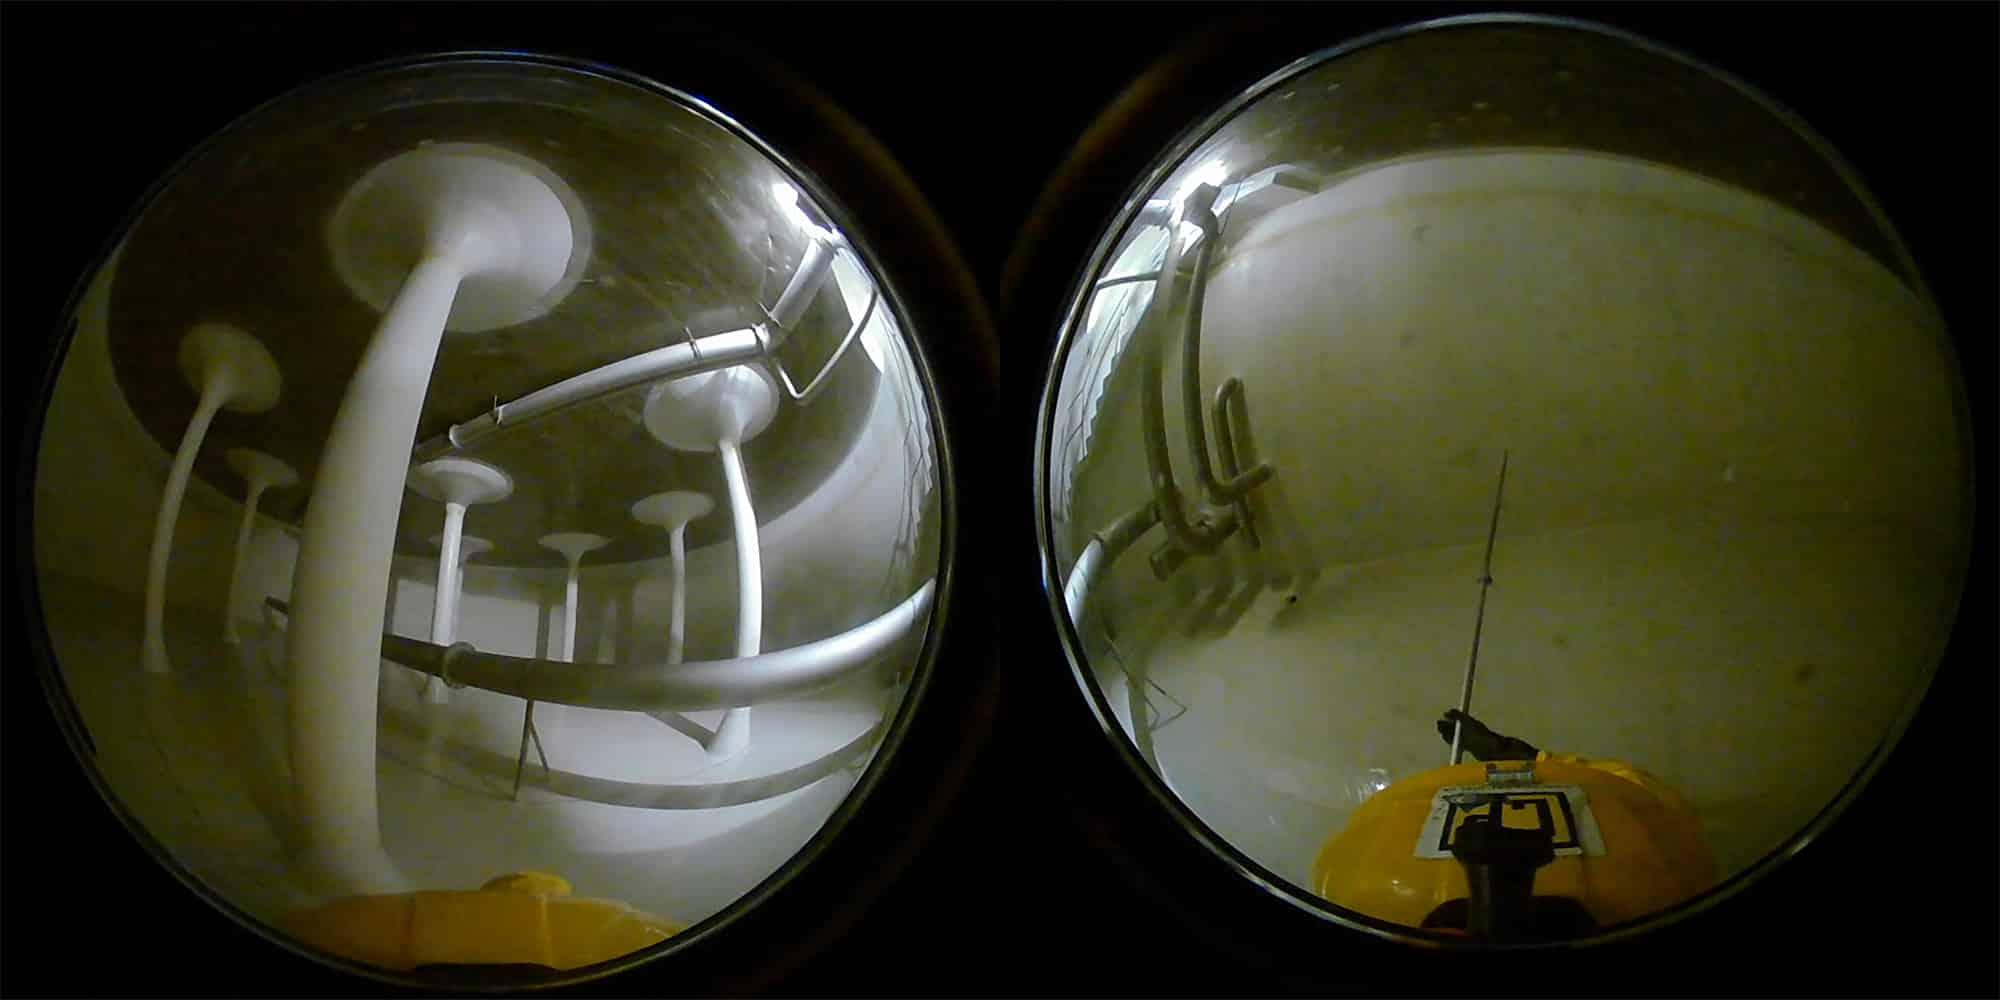 Désinfection de réservoir d'eau potable